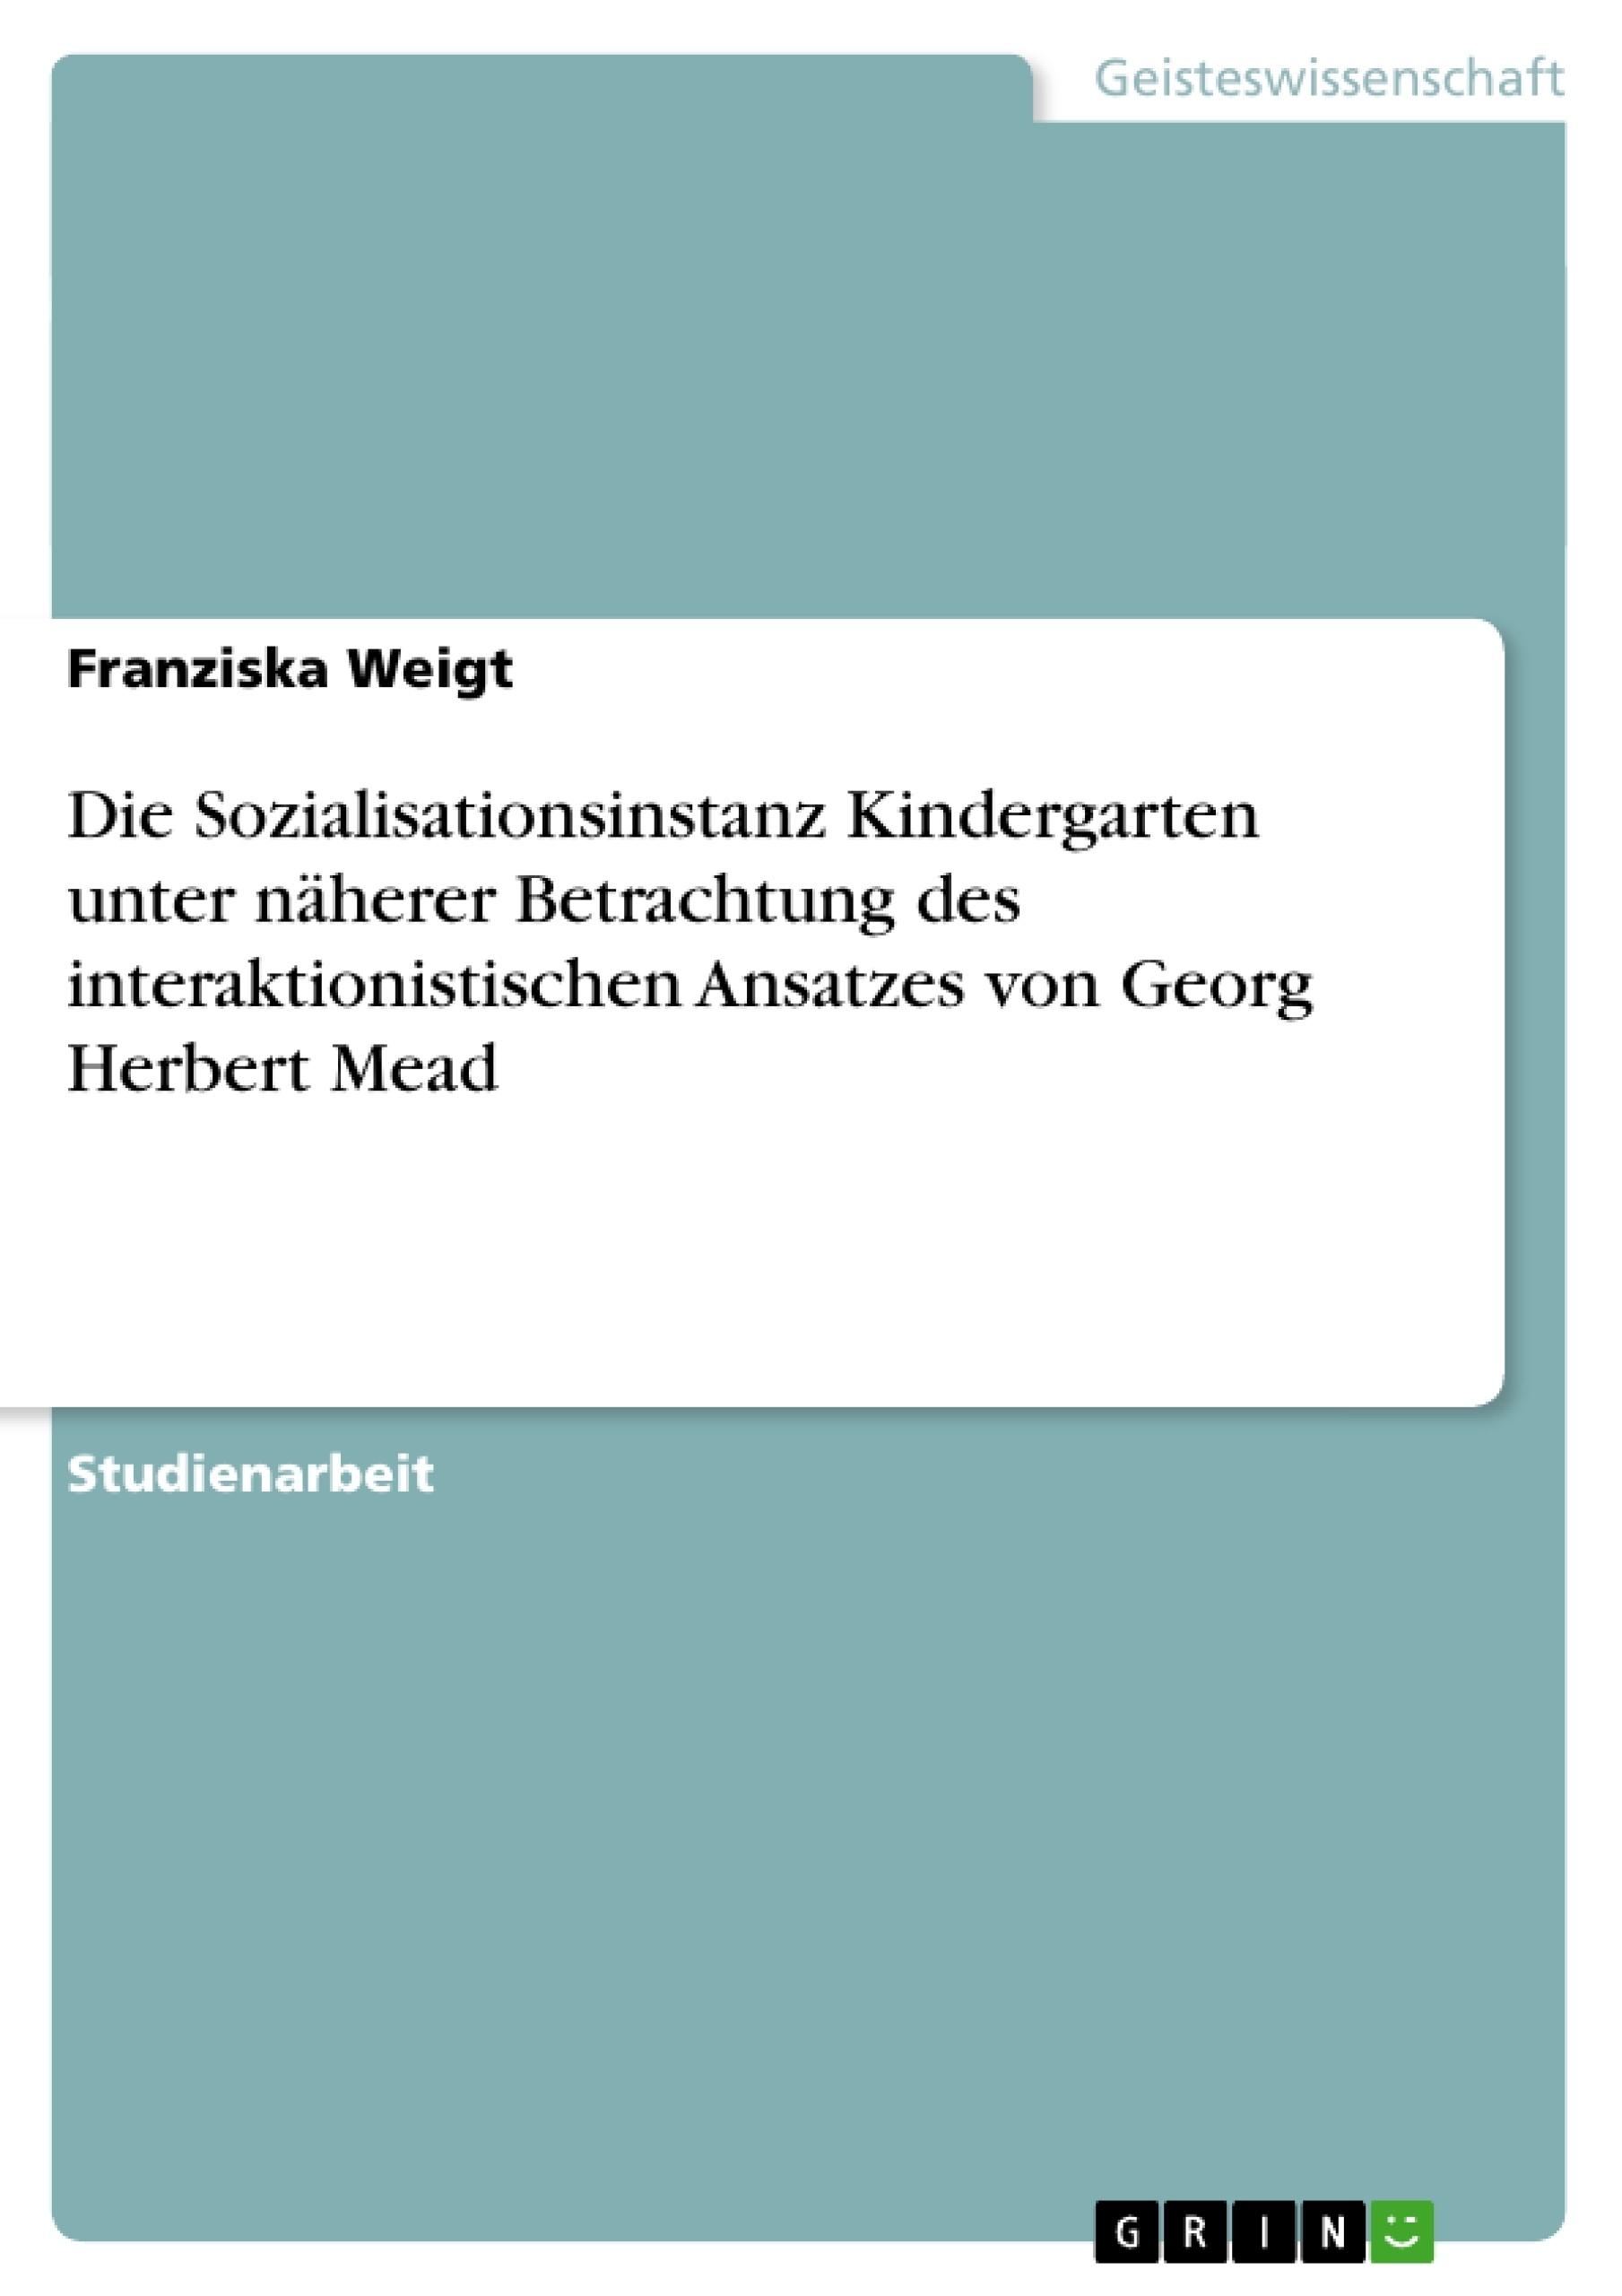 Titel: Die Sozialisationsinstanz Kindergarten unter näherer Betrachtung des interaktionistischen Ansatzes von Georg Herbert Mead